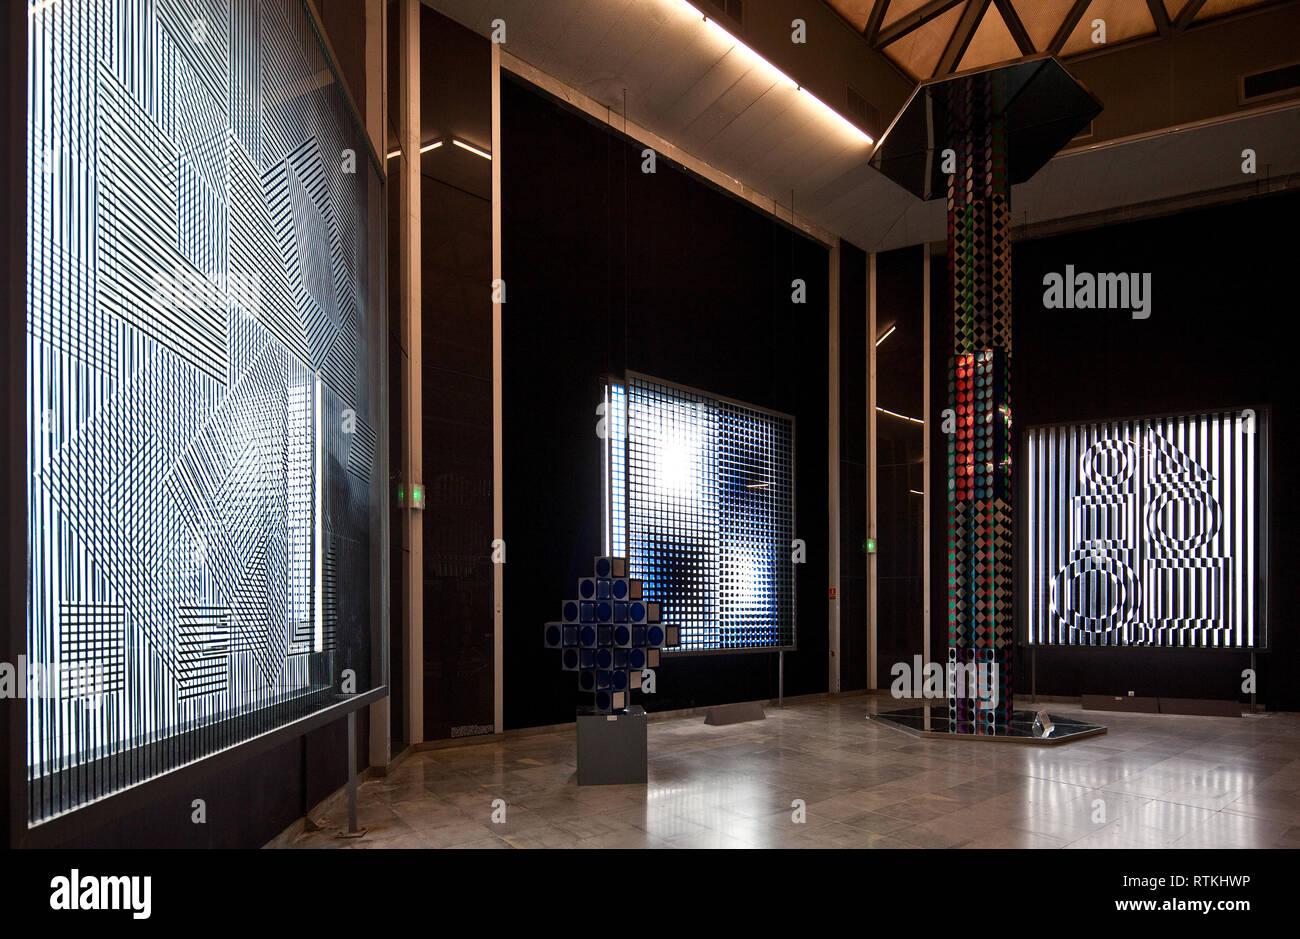 Frankr Aix-en-Provence VASARELY-Museum 60949 Op-Art - Lichtinstallationen und Glas- bzw Spiegelobjekte um 1975 links Obj Nr 116 Mitte Obj Nr 118 - Stock Image